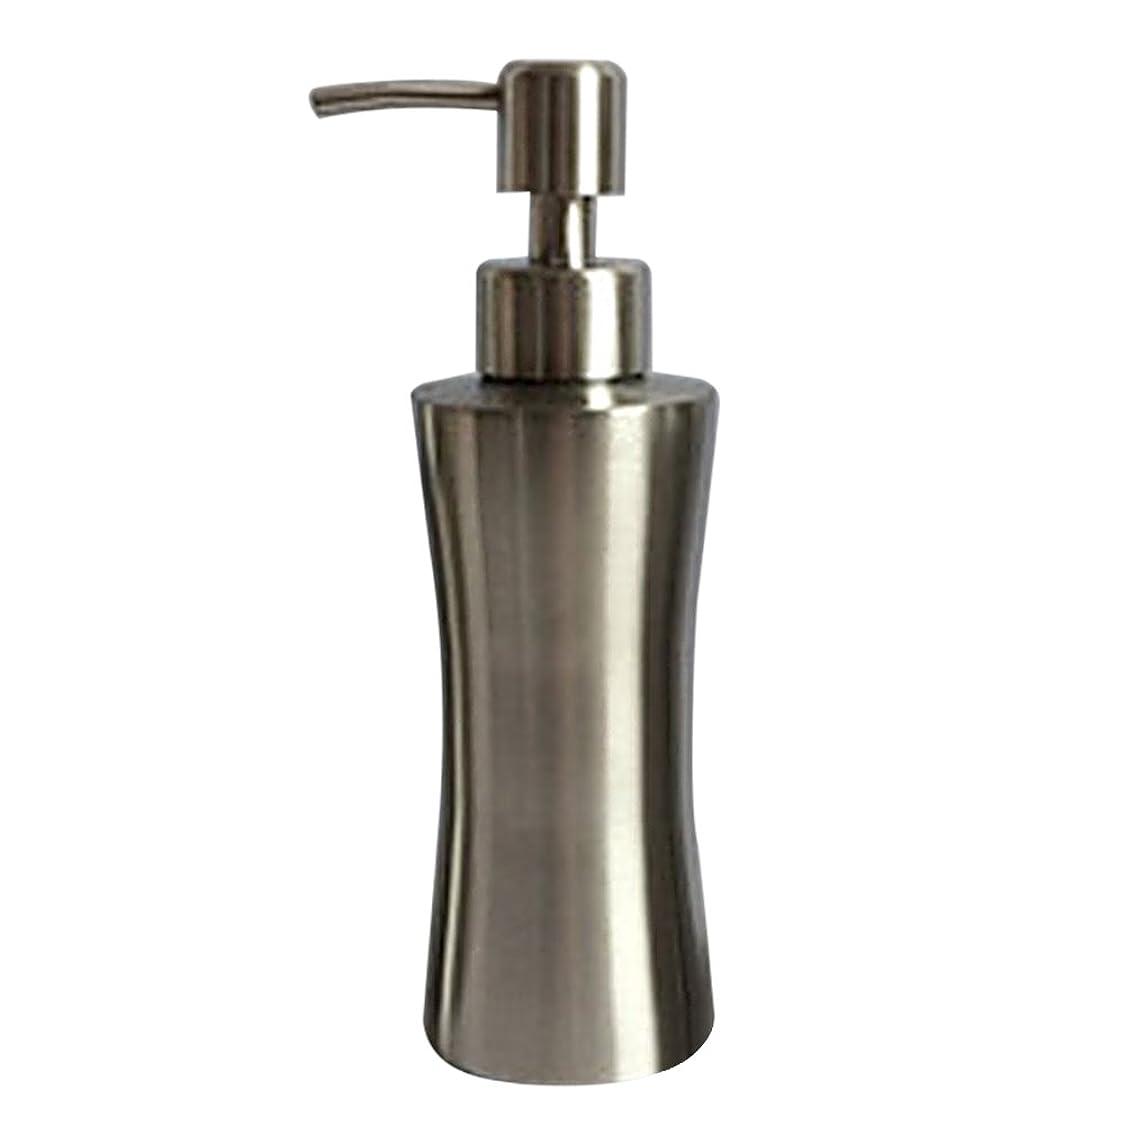 魅惑的な列車キャロラインディスペンサー ステンレス ボトル 容器 ソープ 石鹸 シャンプー 手洗いボトル 耐久性 錆びない 220ml/250ml/400ml (B:250ml)